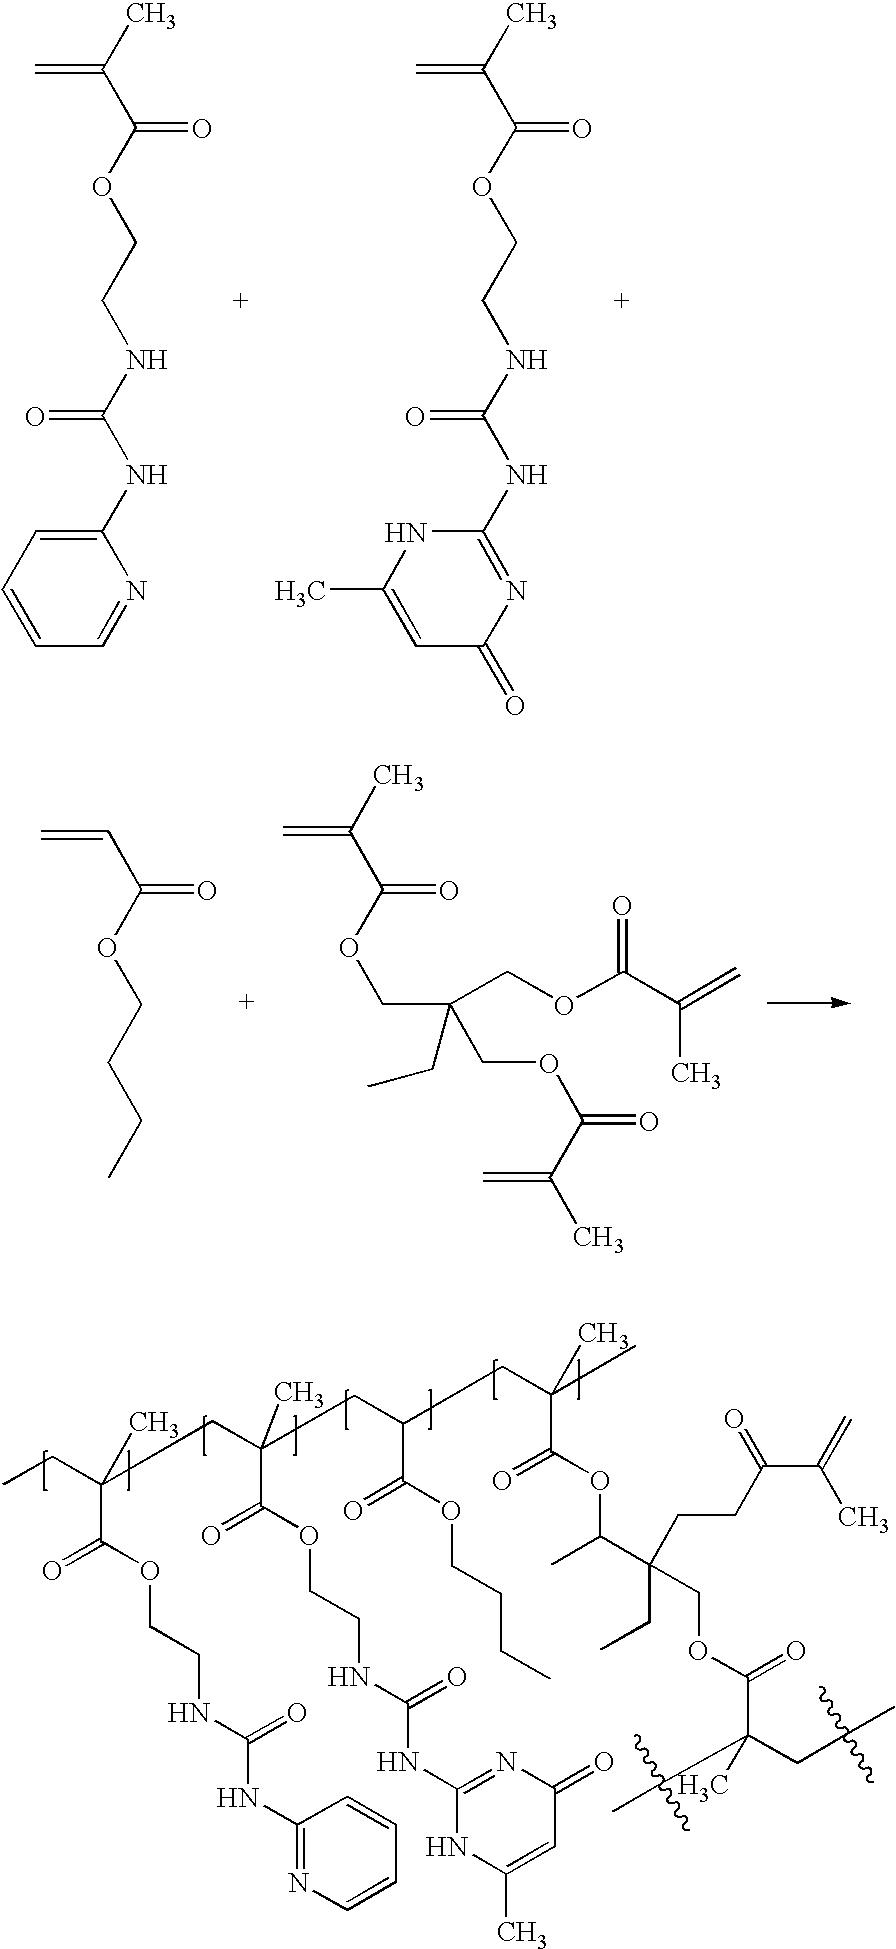 Figure US07935131-20110503-C00080